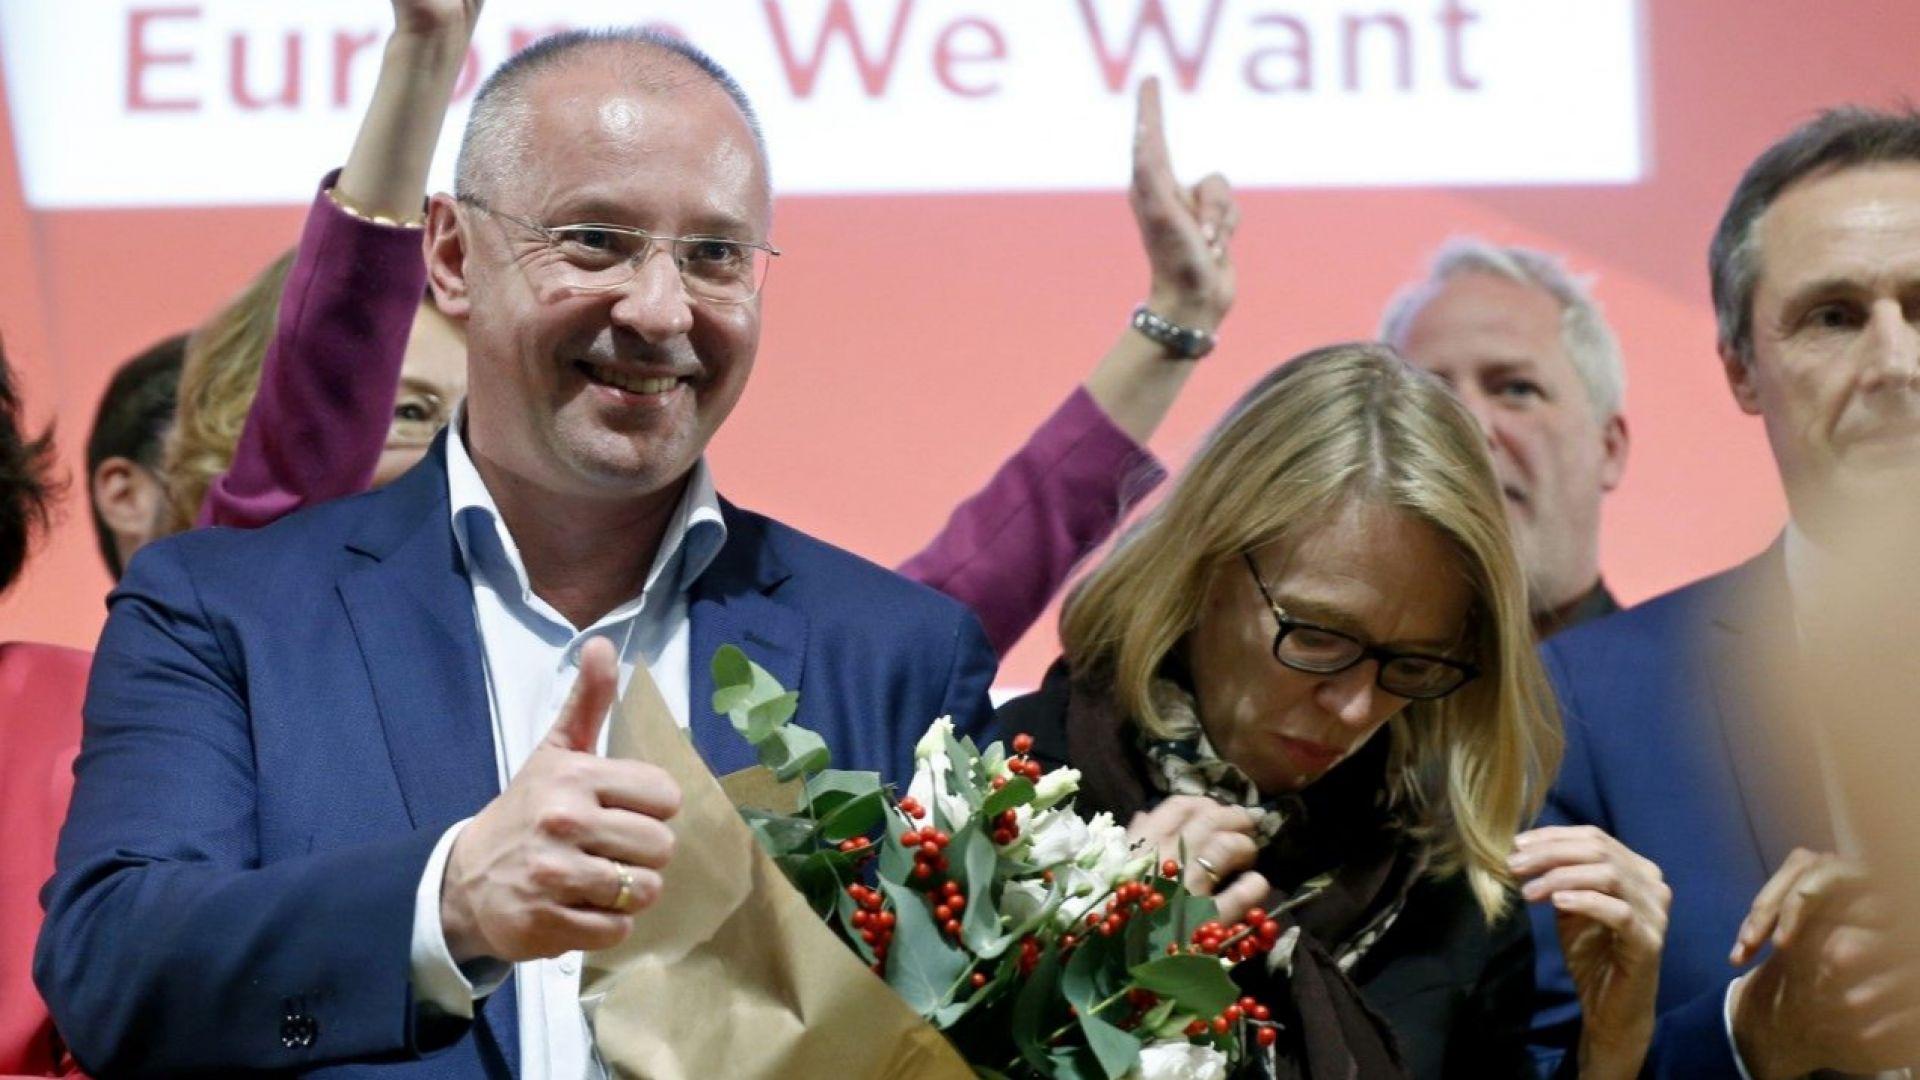 Лявоцентристки алианс ще работи за социална Европа, заяви Станишев